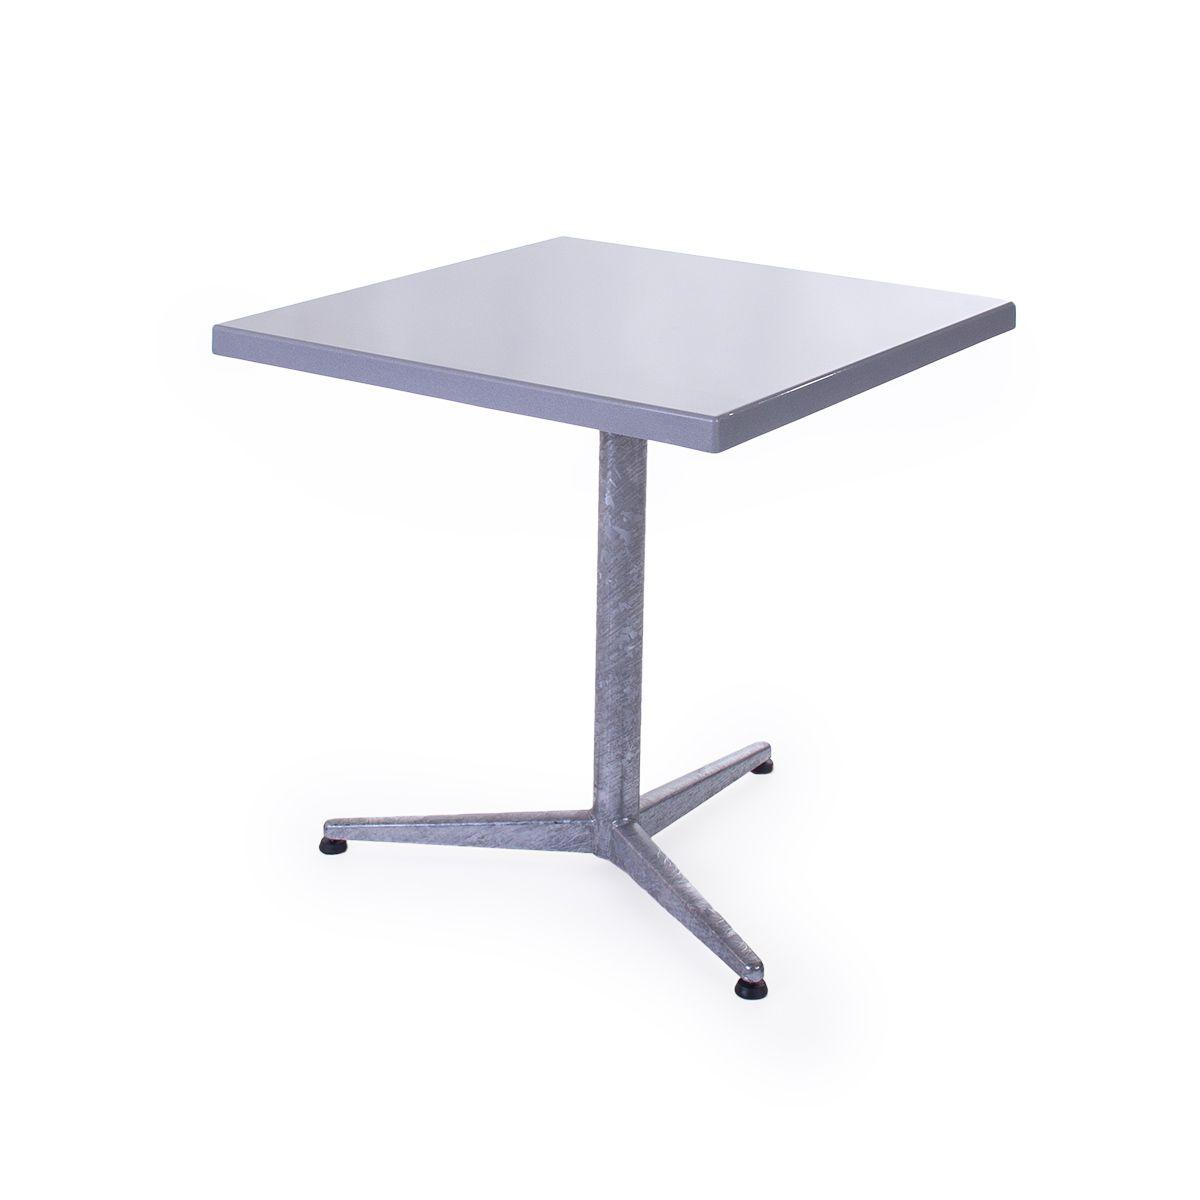 GFK Tisch silber, glanz, Untergestell feuerverzinkt 3-Stern Basic, 70 x 70 x 3.5 cm, H 73 cm